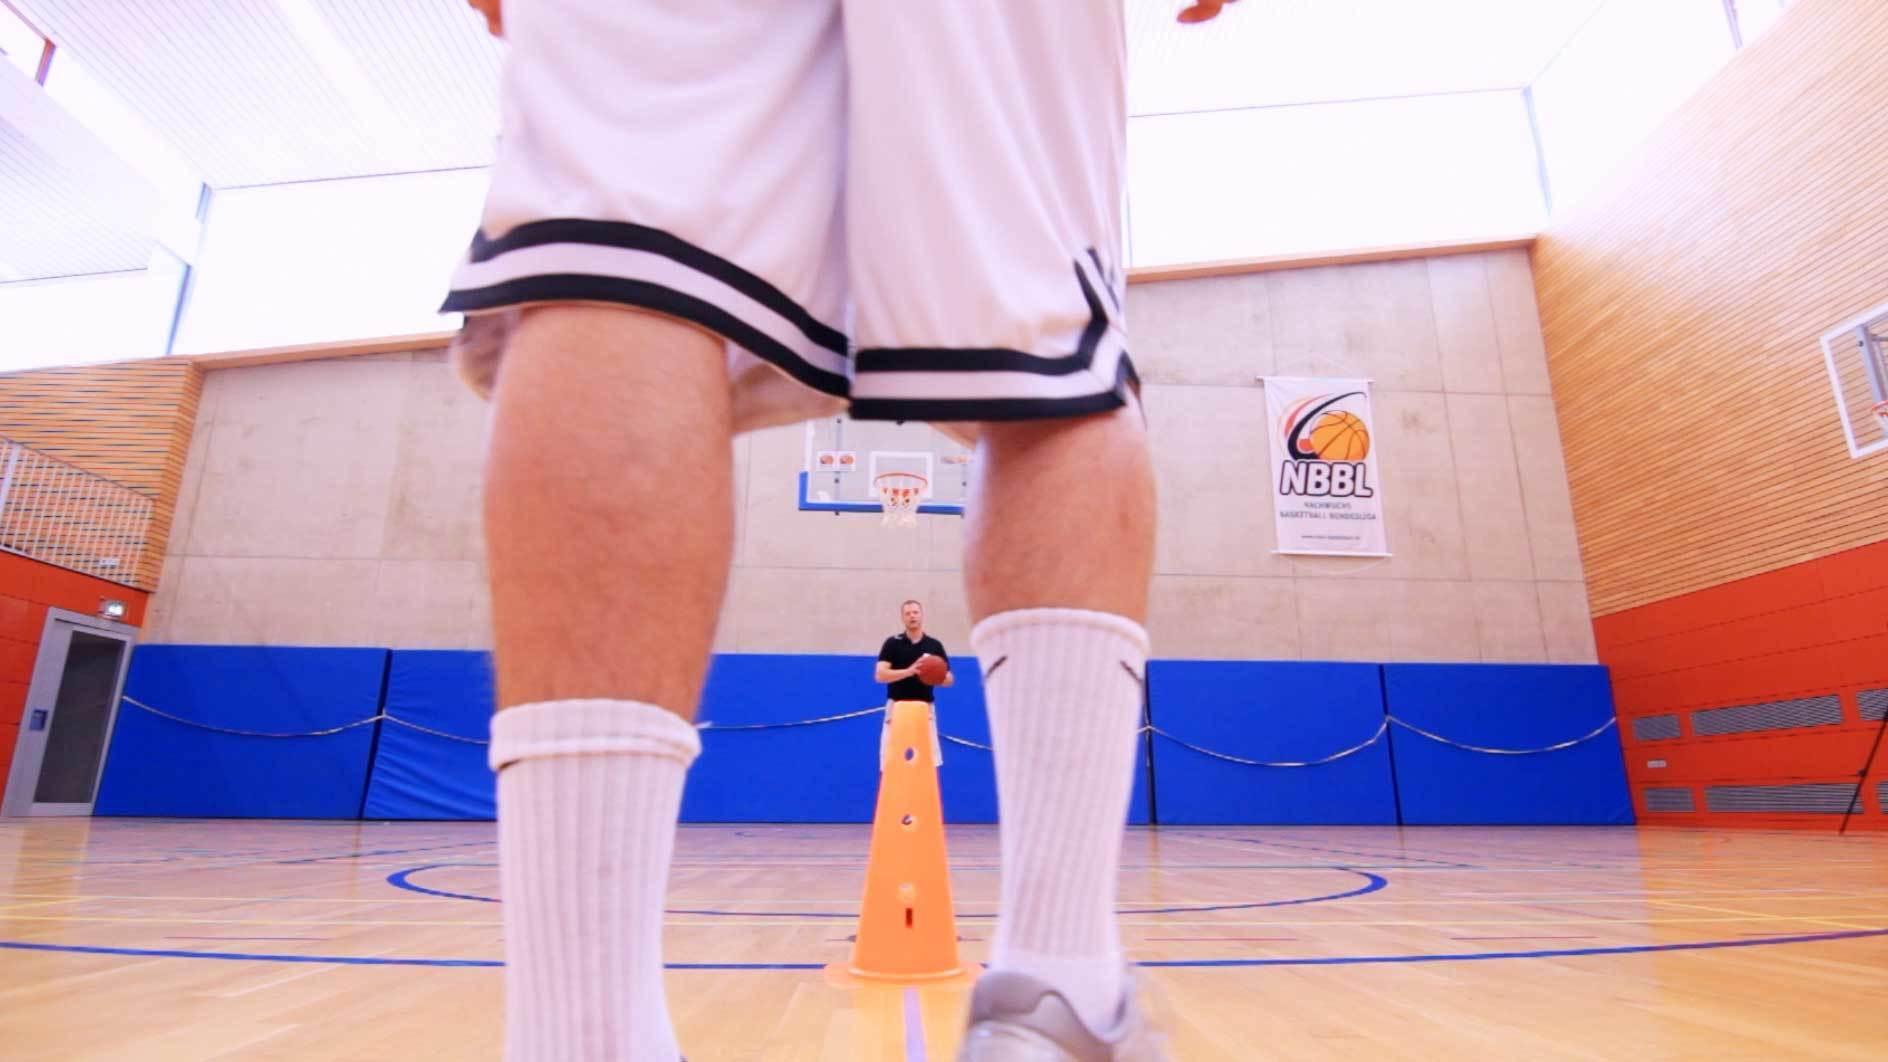 Übersicht über die Positionen im Basketball: Wer braucht welche Skills